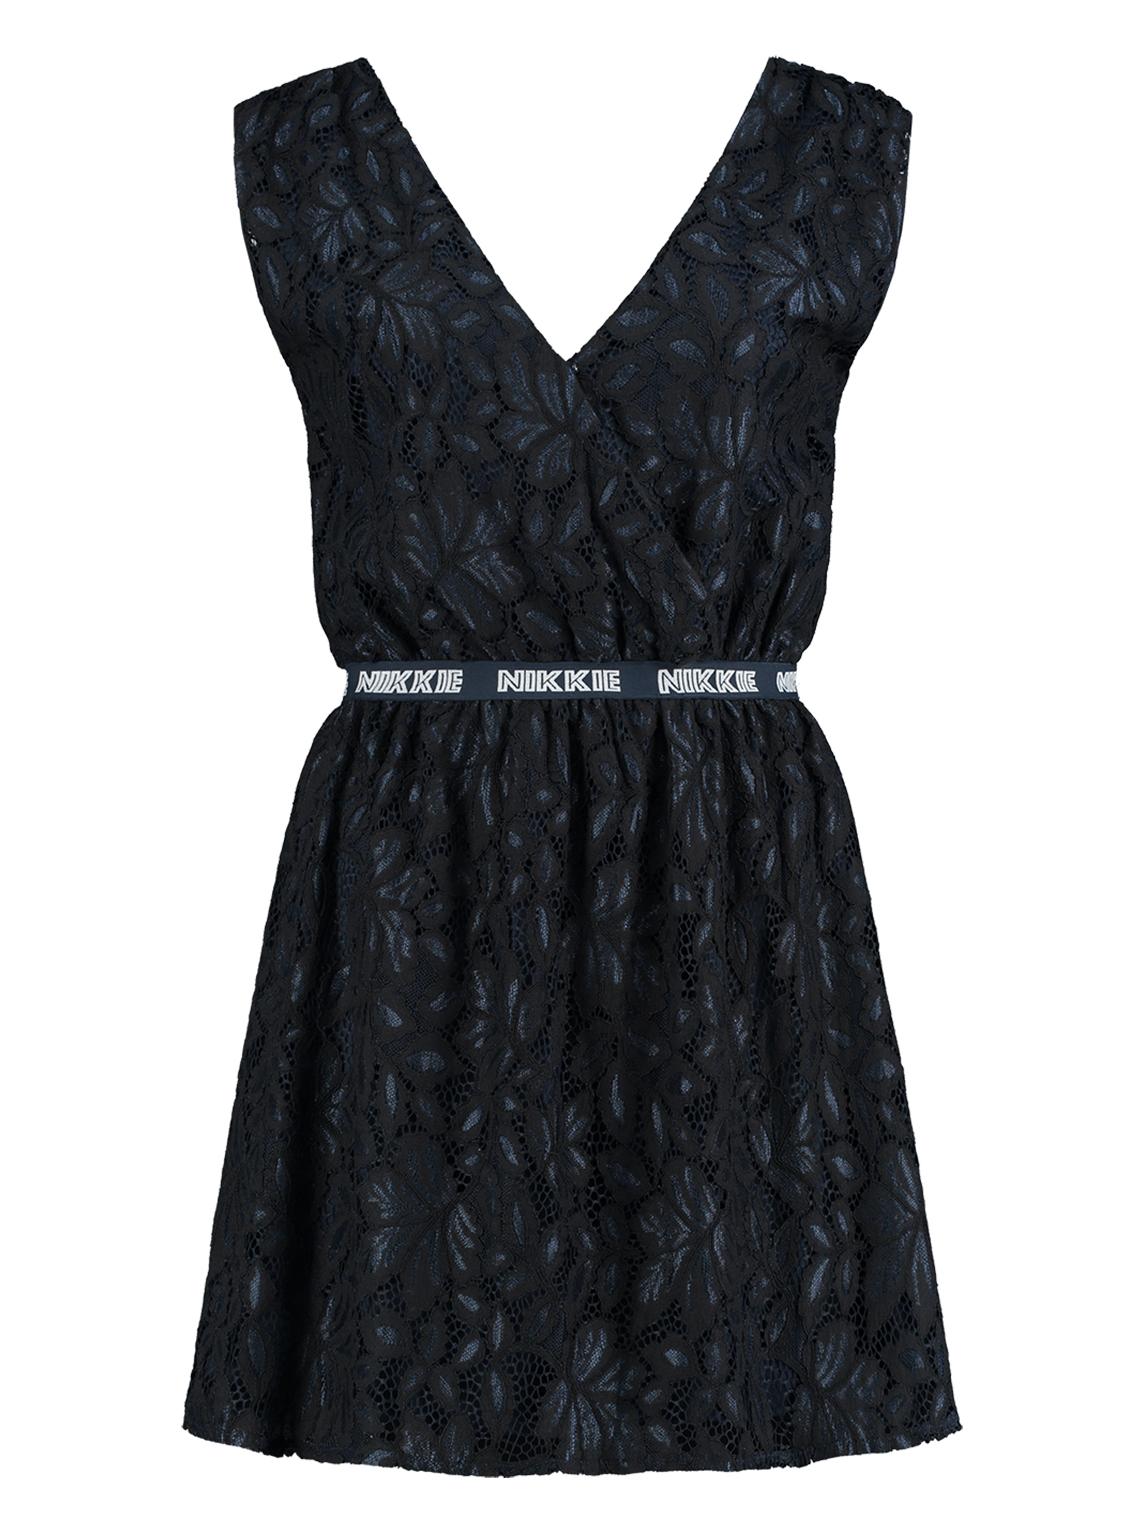 Donker blauwe dames jurk Nikkie - Silvia Dress - N5-252 1904 7800